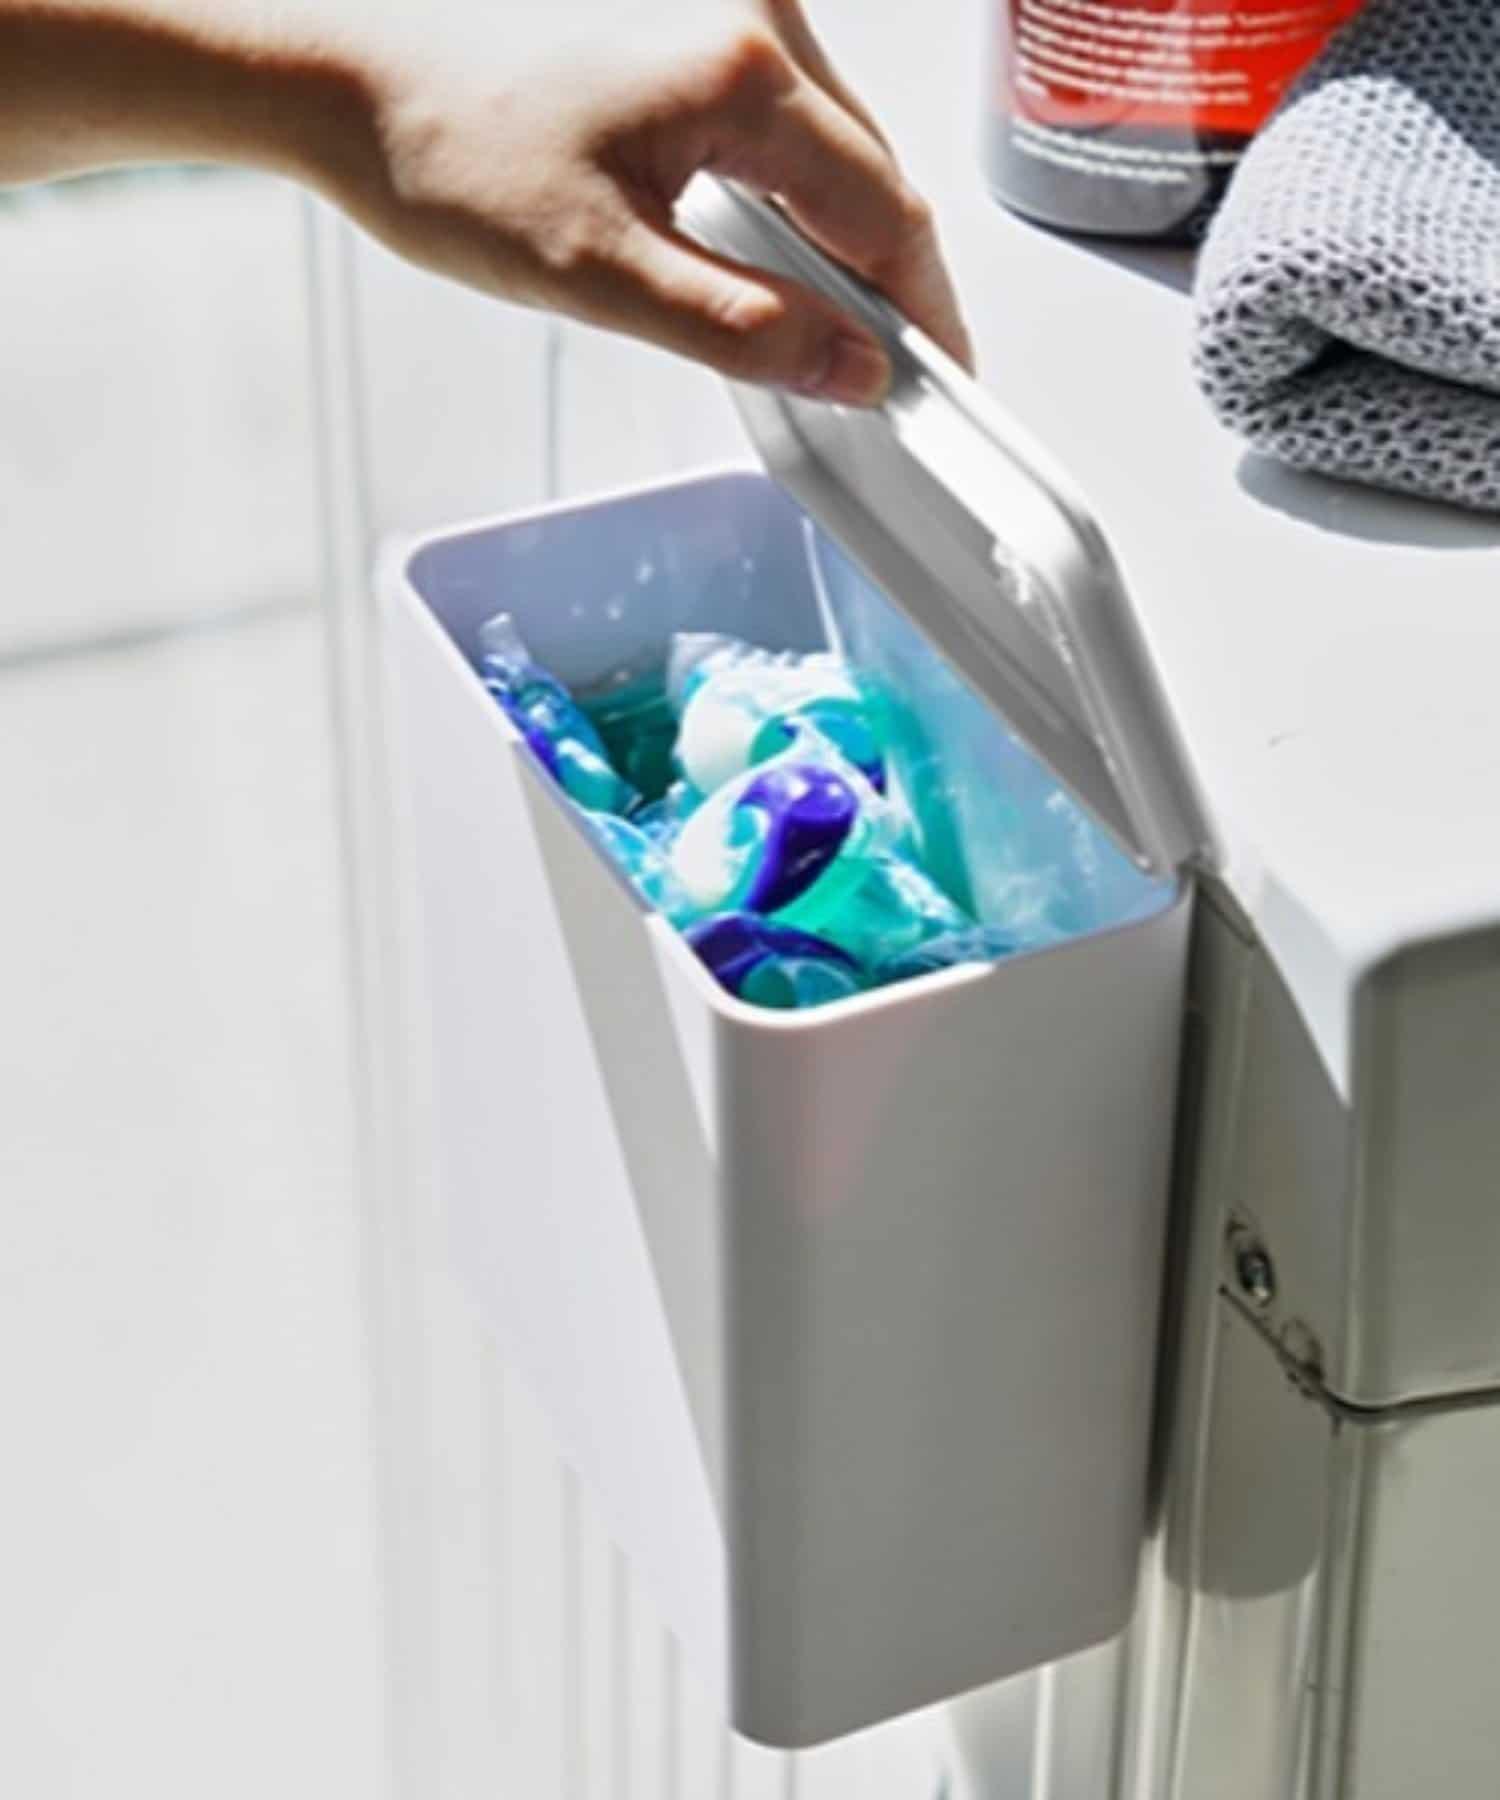 BIRTHDAY BAR(バースデイバー) ライフスタイル 【tower タワー】マグネット 洗濯洗剤ボール ストッカー ホワイト